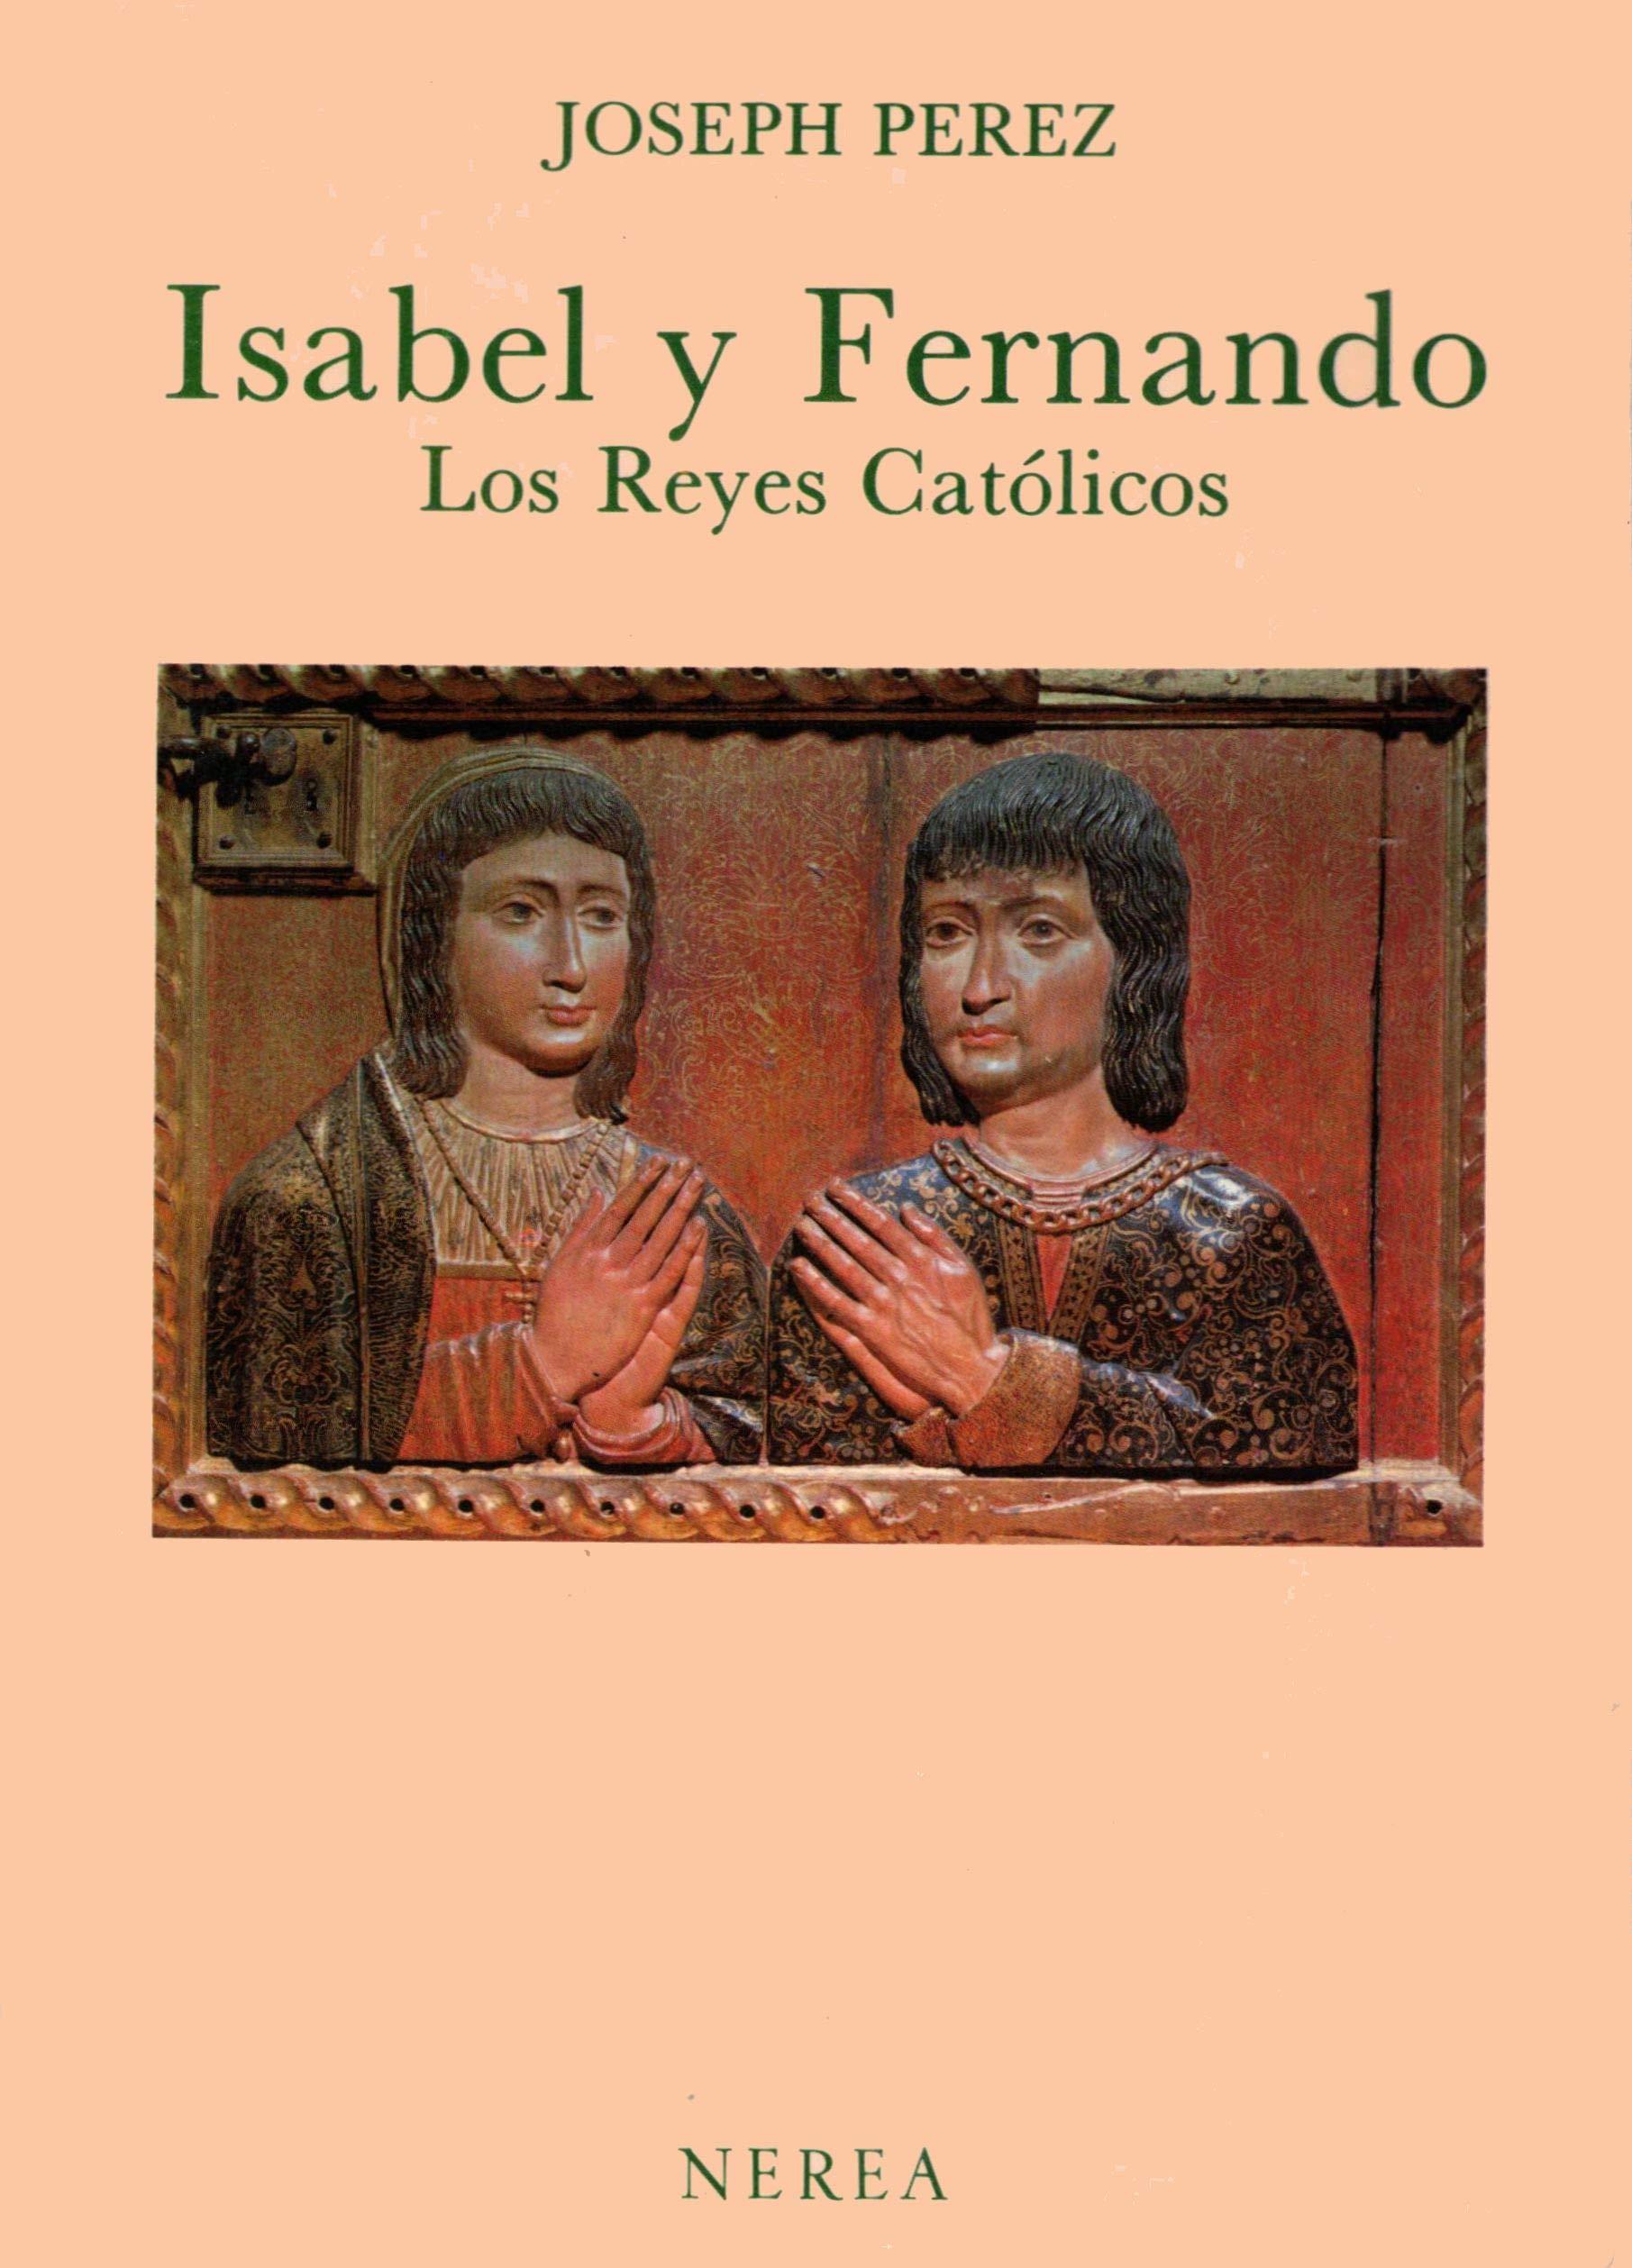 Isabel y Fernando : los Reyes catolicos: Amazon.es: Perez, Joseph: Libros